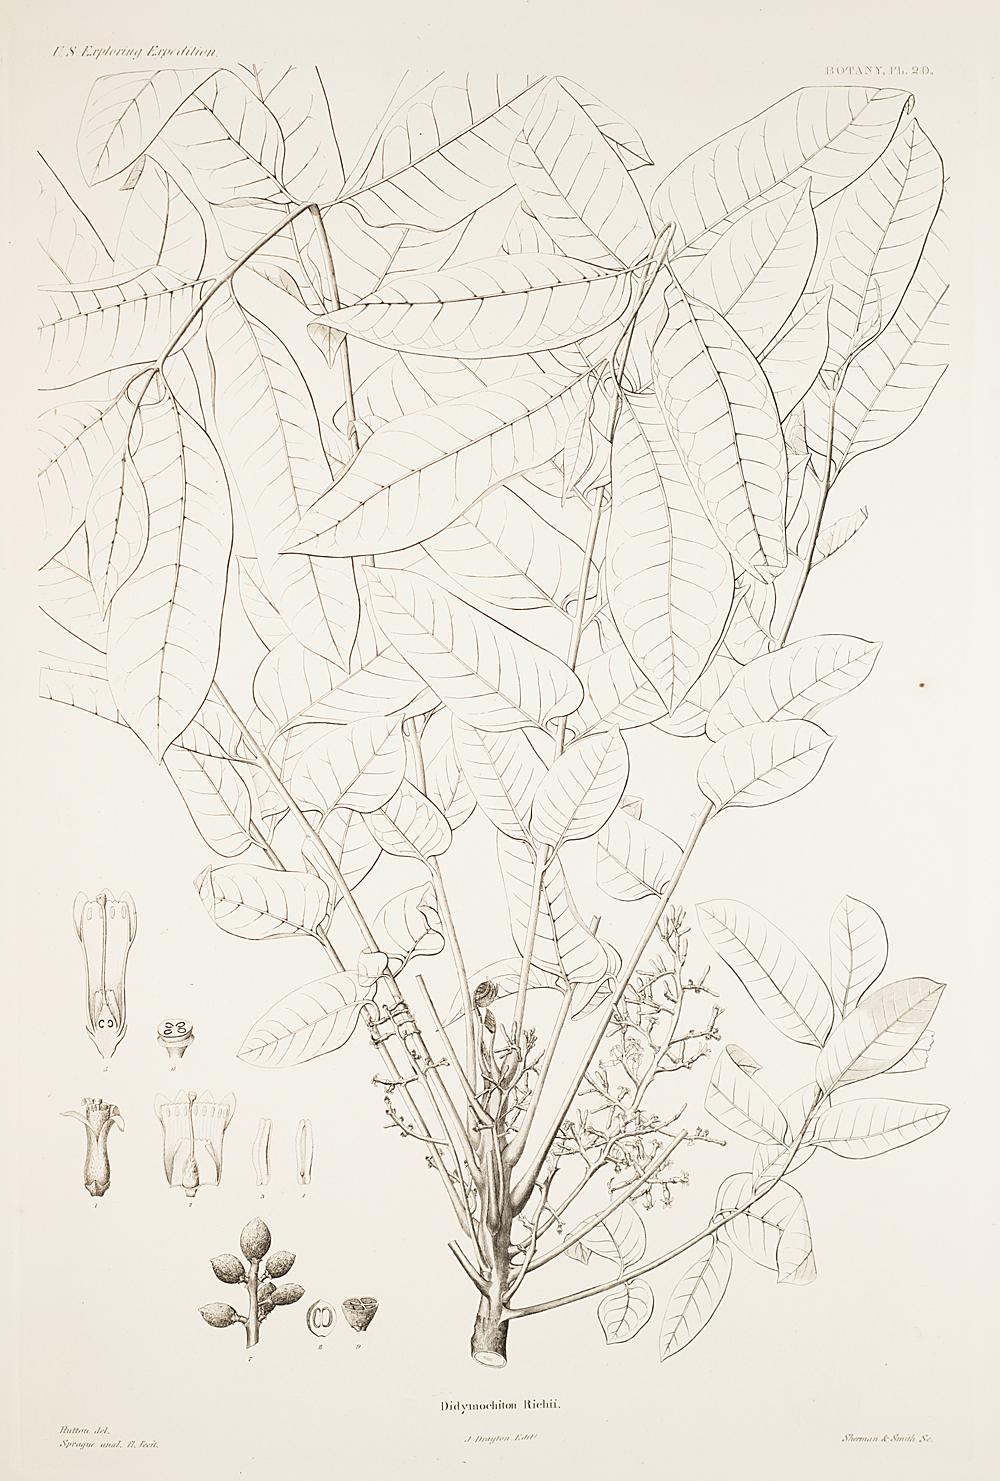 Botany, Pl. 20,  Image number:sil19-23-051b